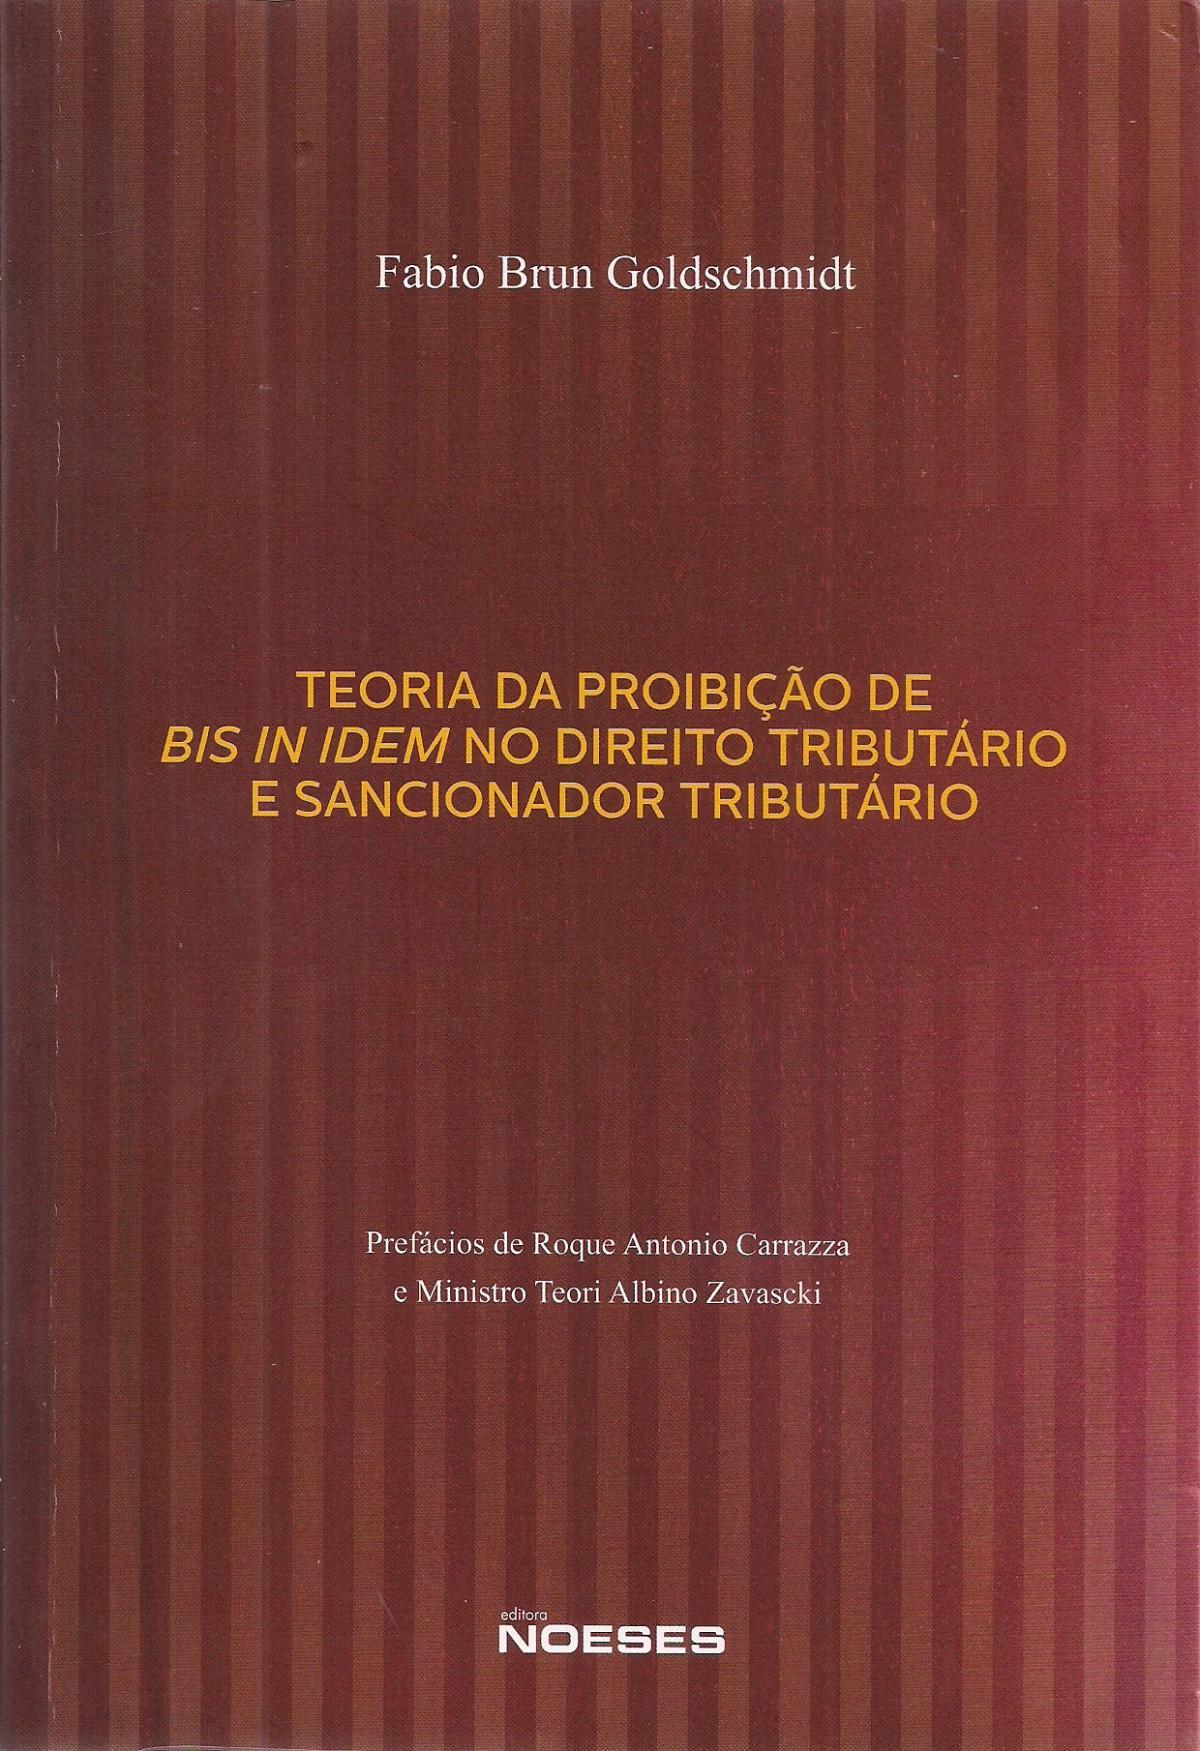 Foto 1 - Teoria da Proibição de BIS IN IDEM no Direito Tributário e Sancionador Tributário